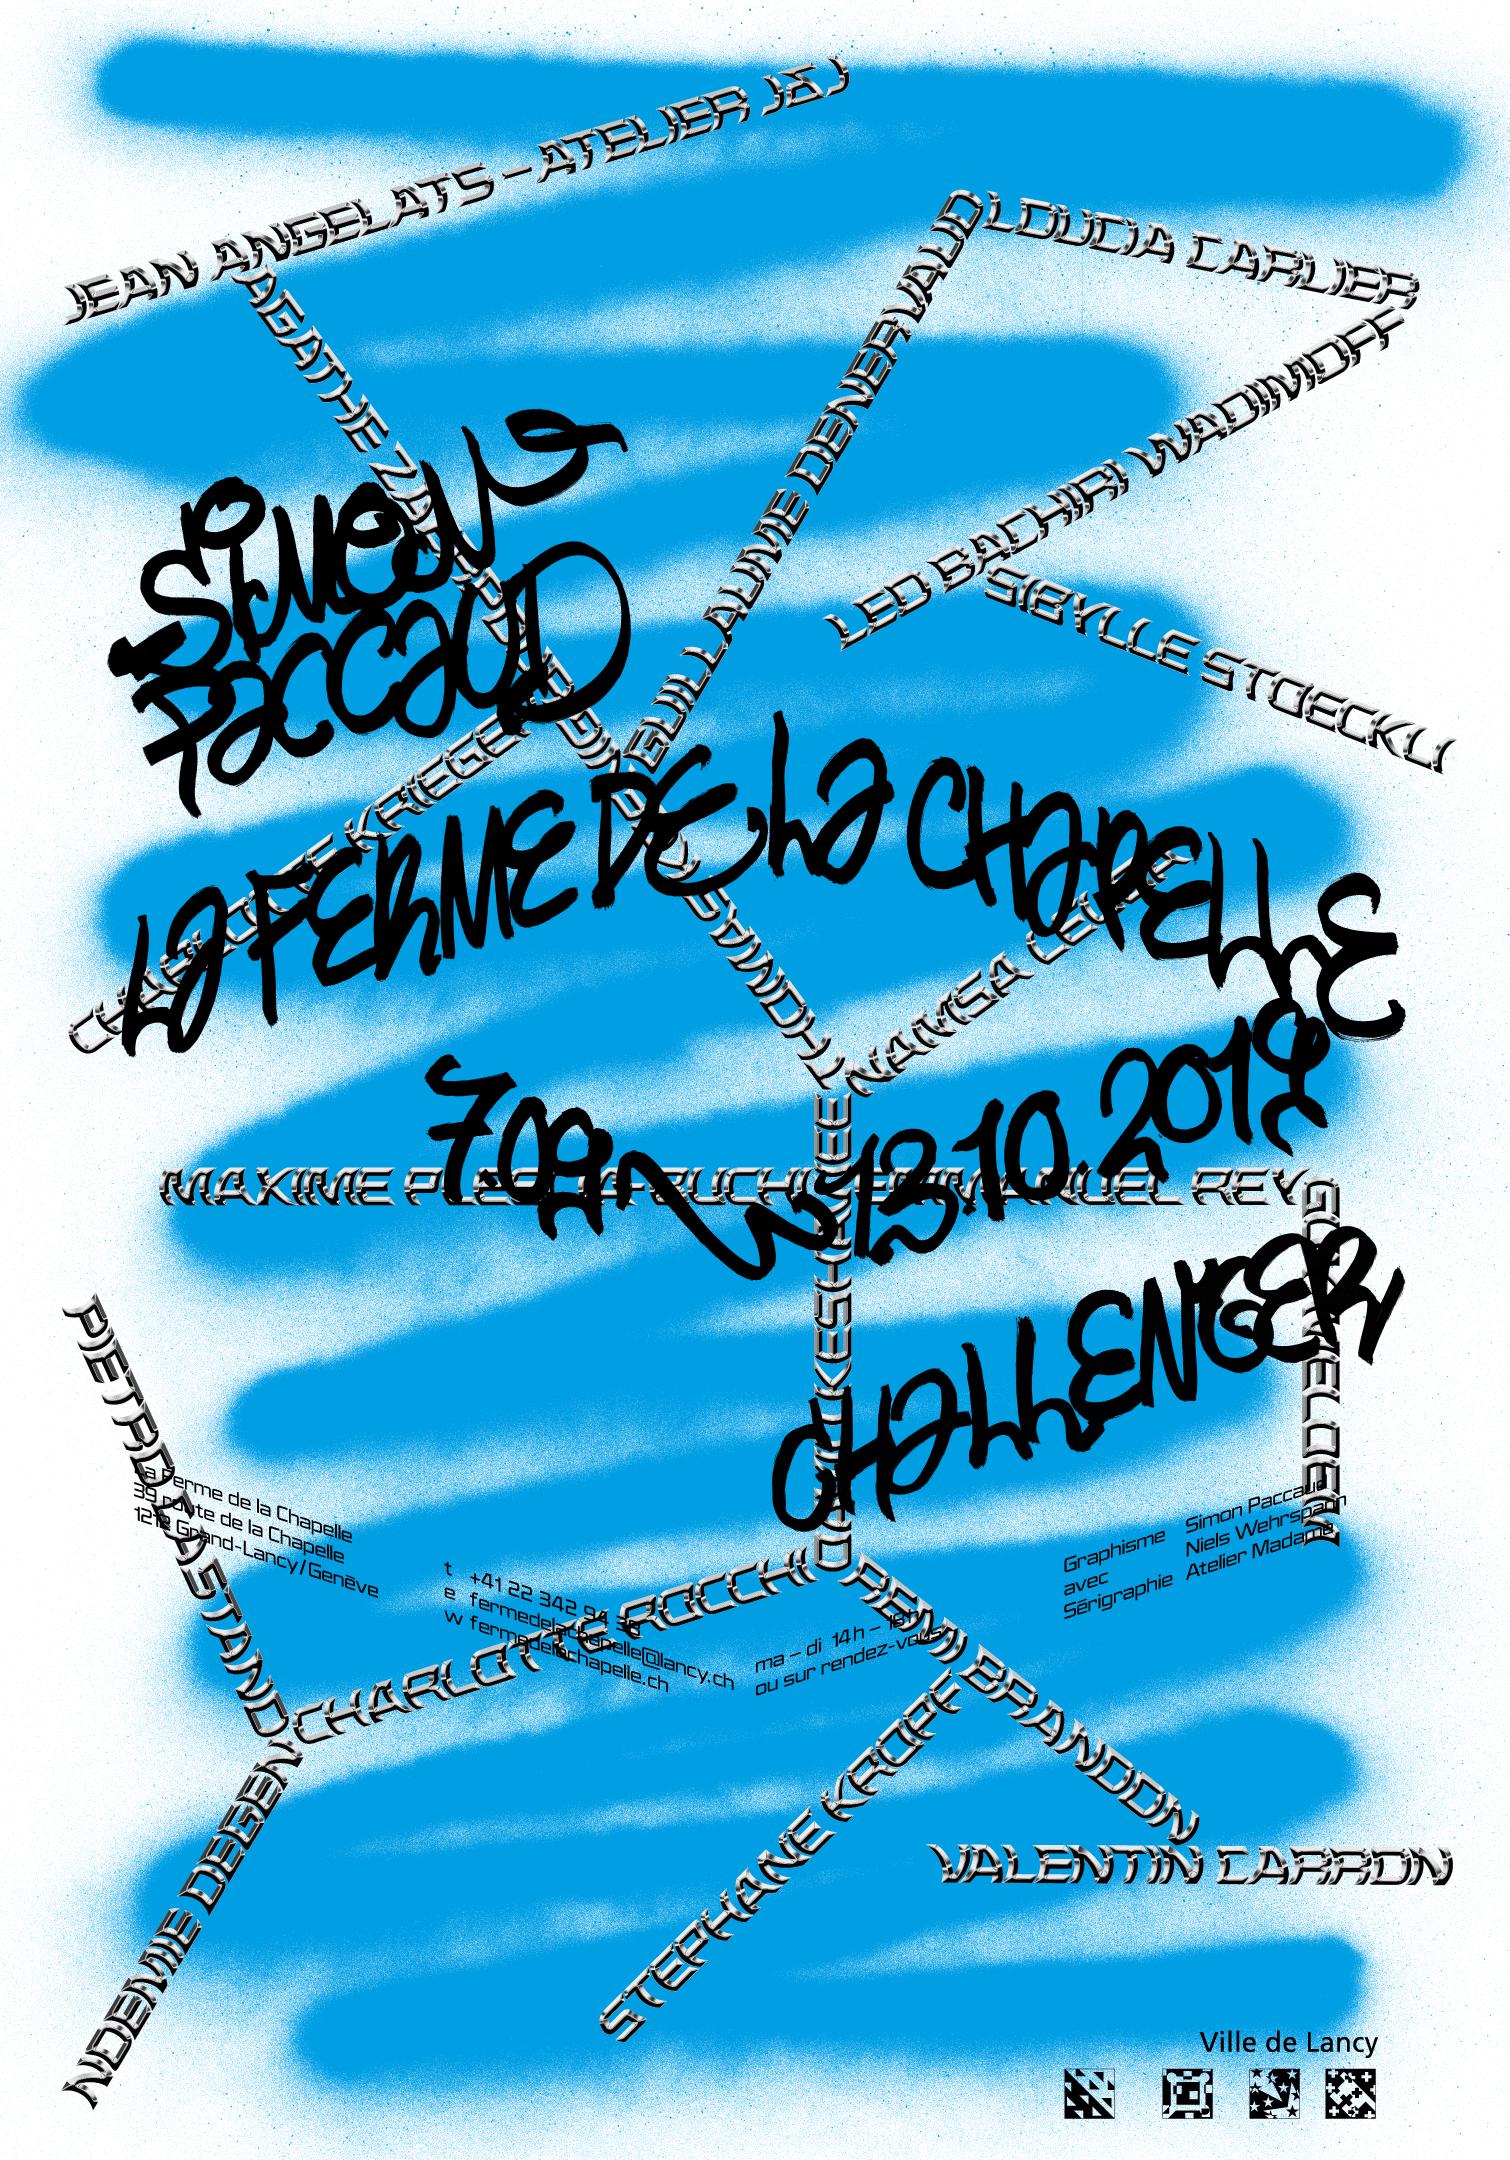 Spray et tags de Simon Paccaud sur l'affiche de son exposition à la Ferme de la Chapelle